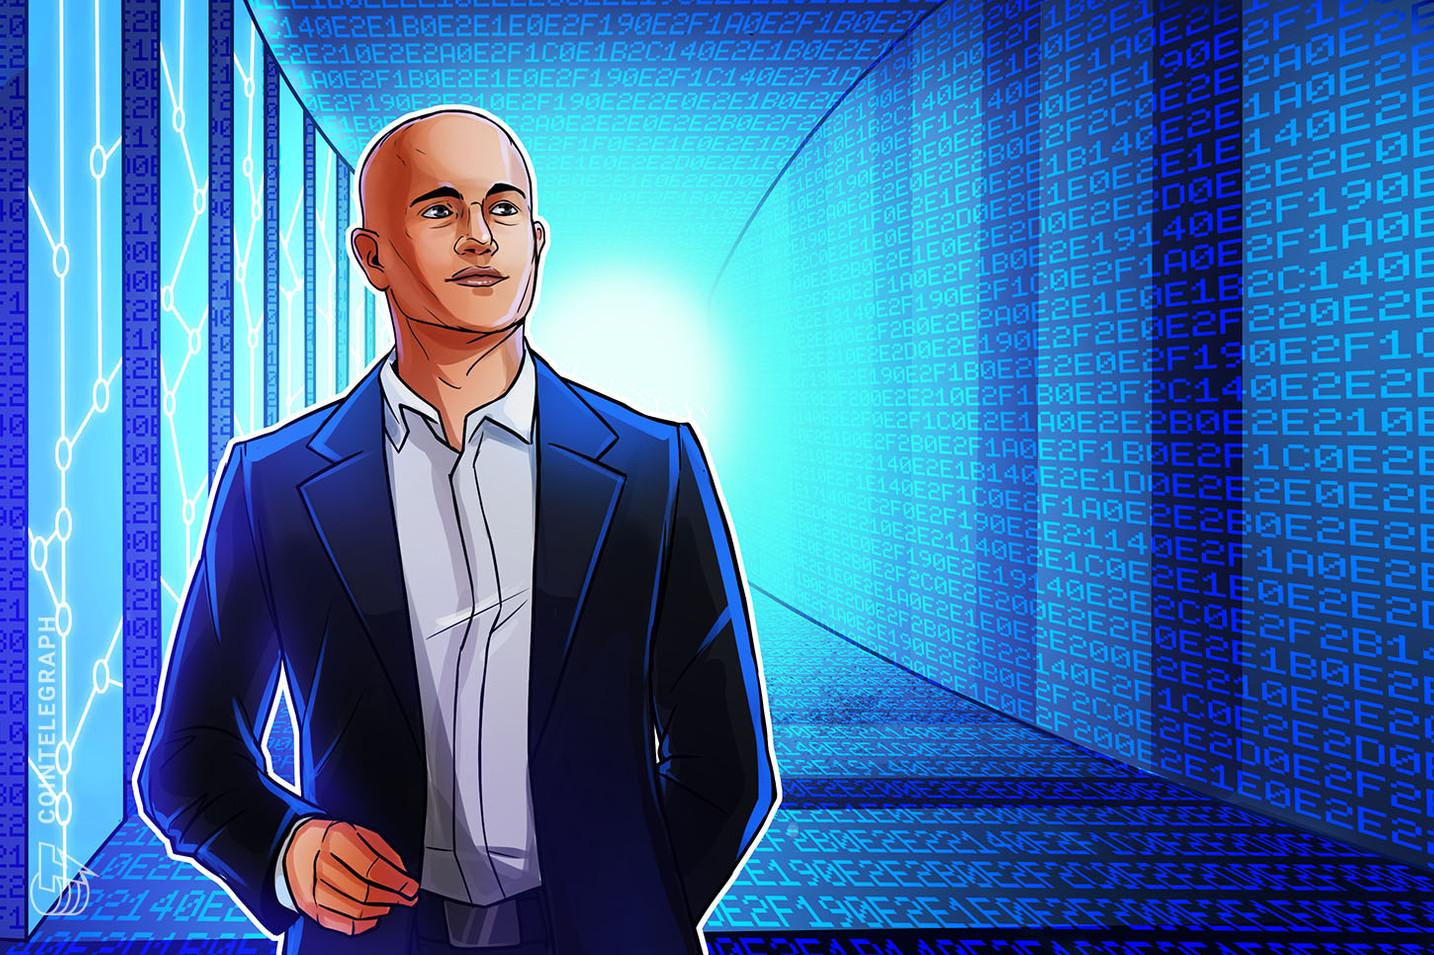 仮想通貨取引所コインベース、CEOがユーザーからの質問に回答  | DeFiとの統合の可能性にも触れる